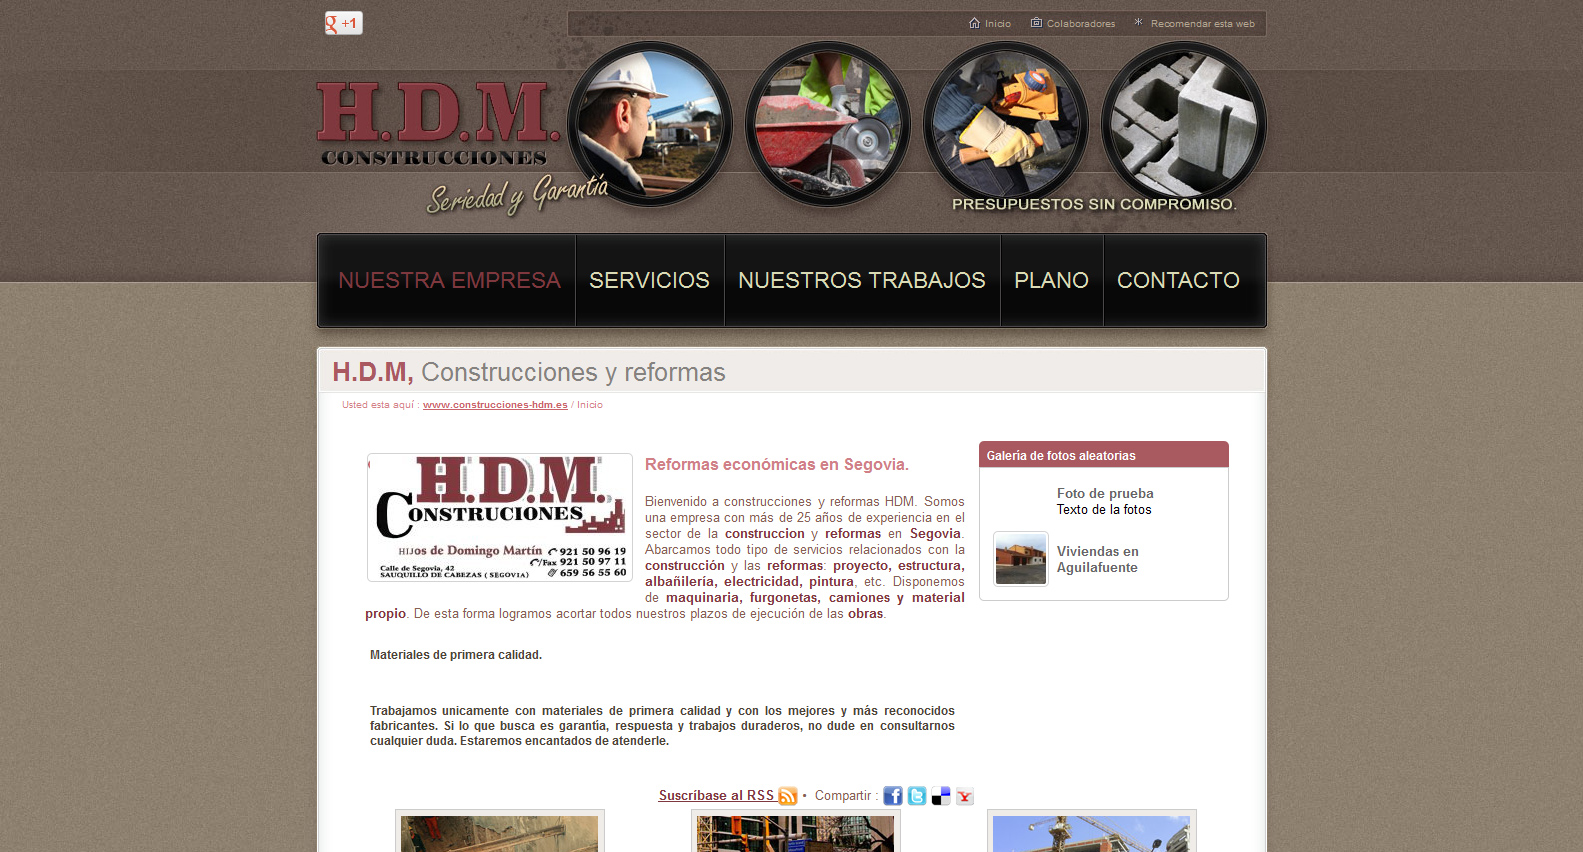 HDM Construcciones